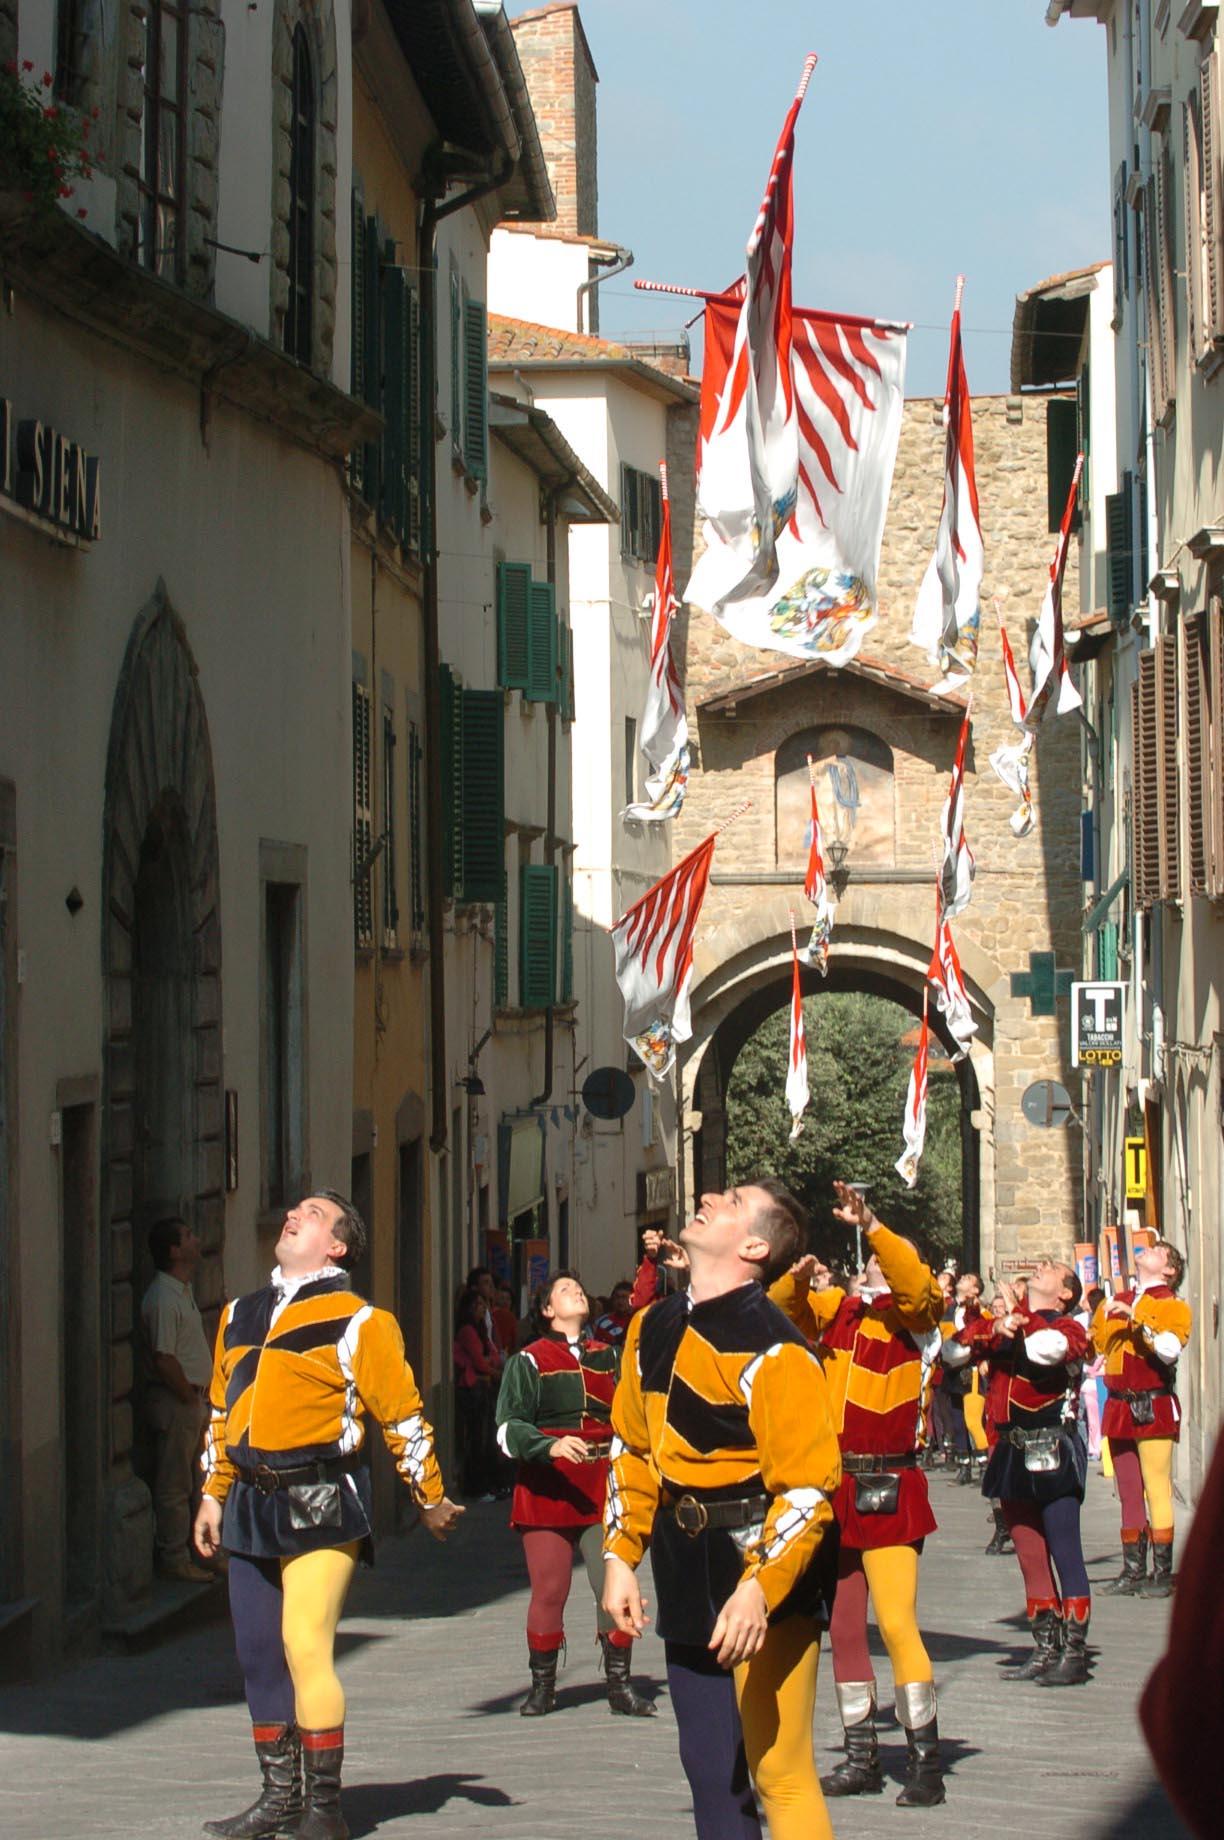 Tanti eventi e presenze in crescita a Castiglioni, il plauso di Ascom